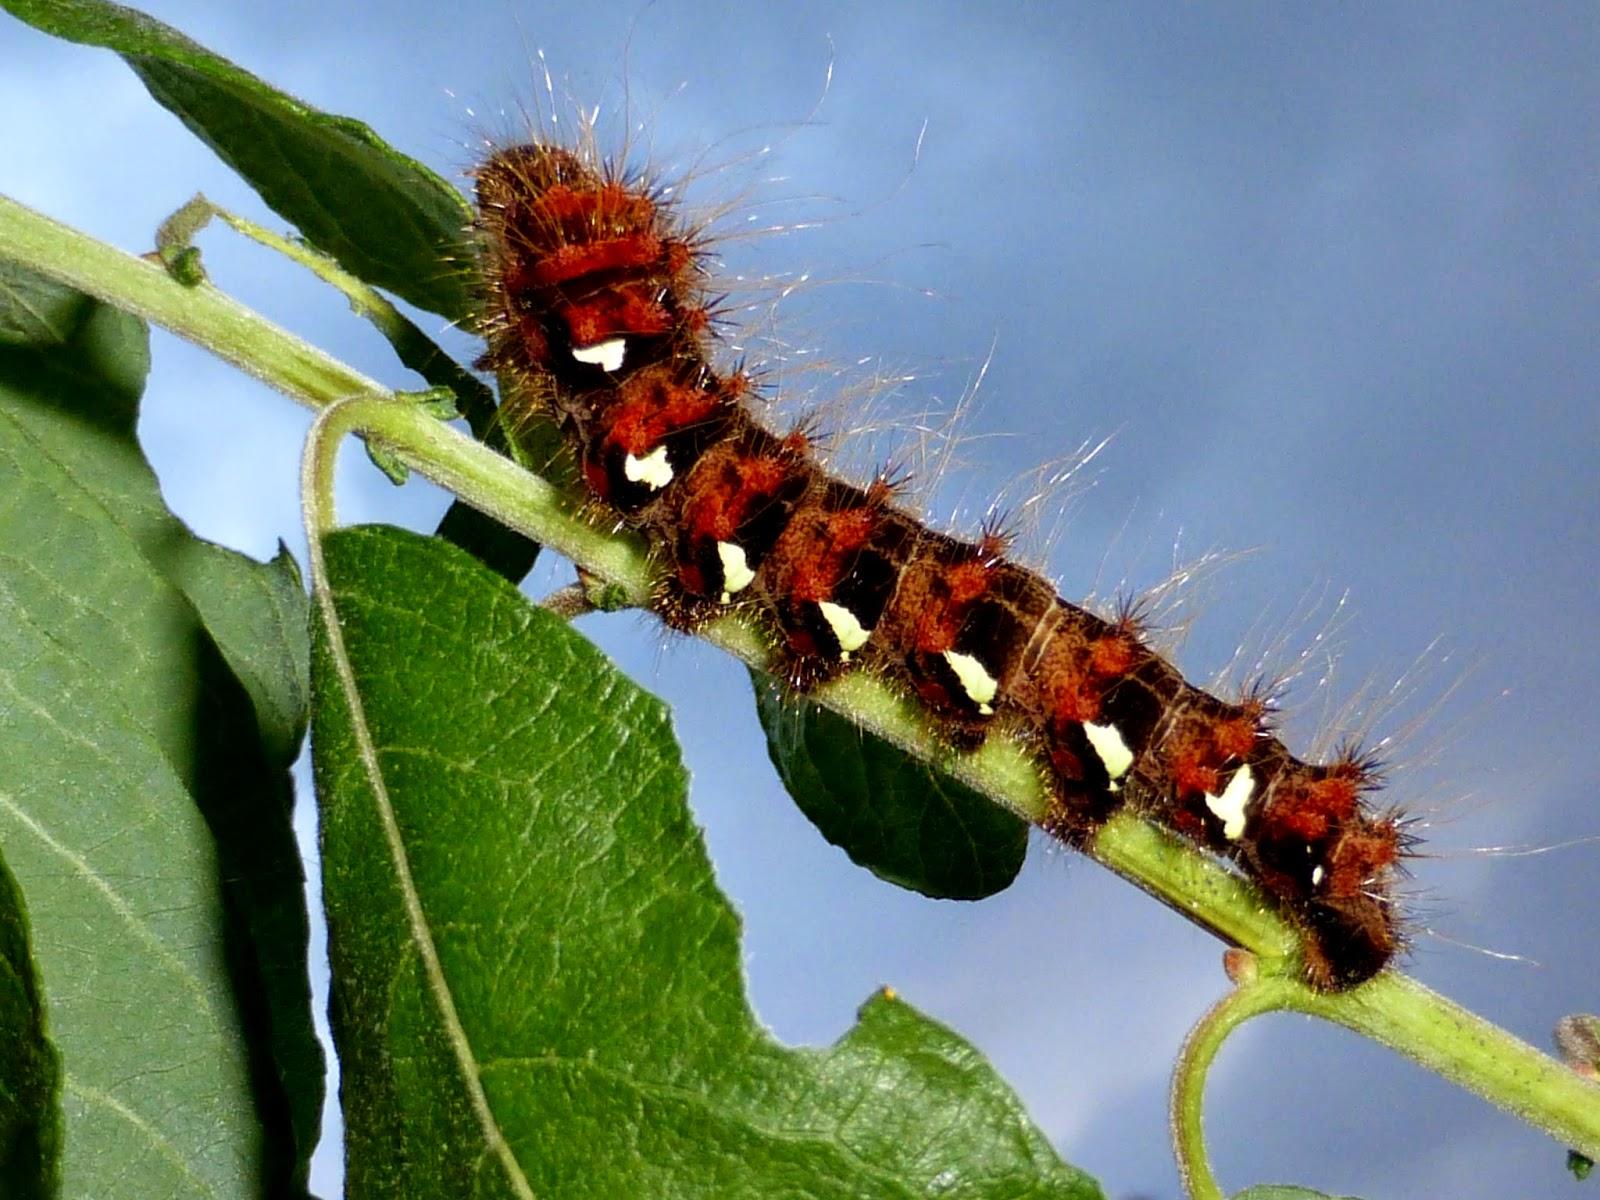 Loepa sikkima caterpillar